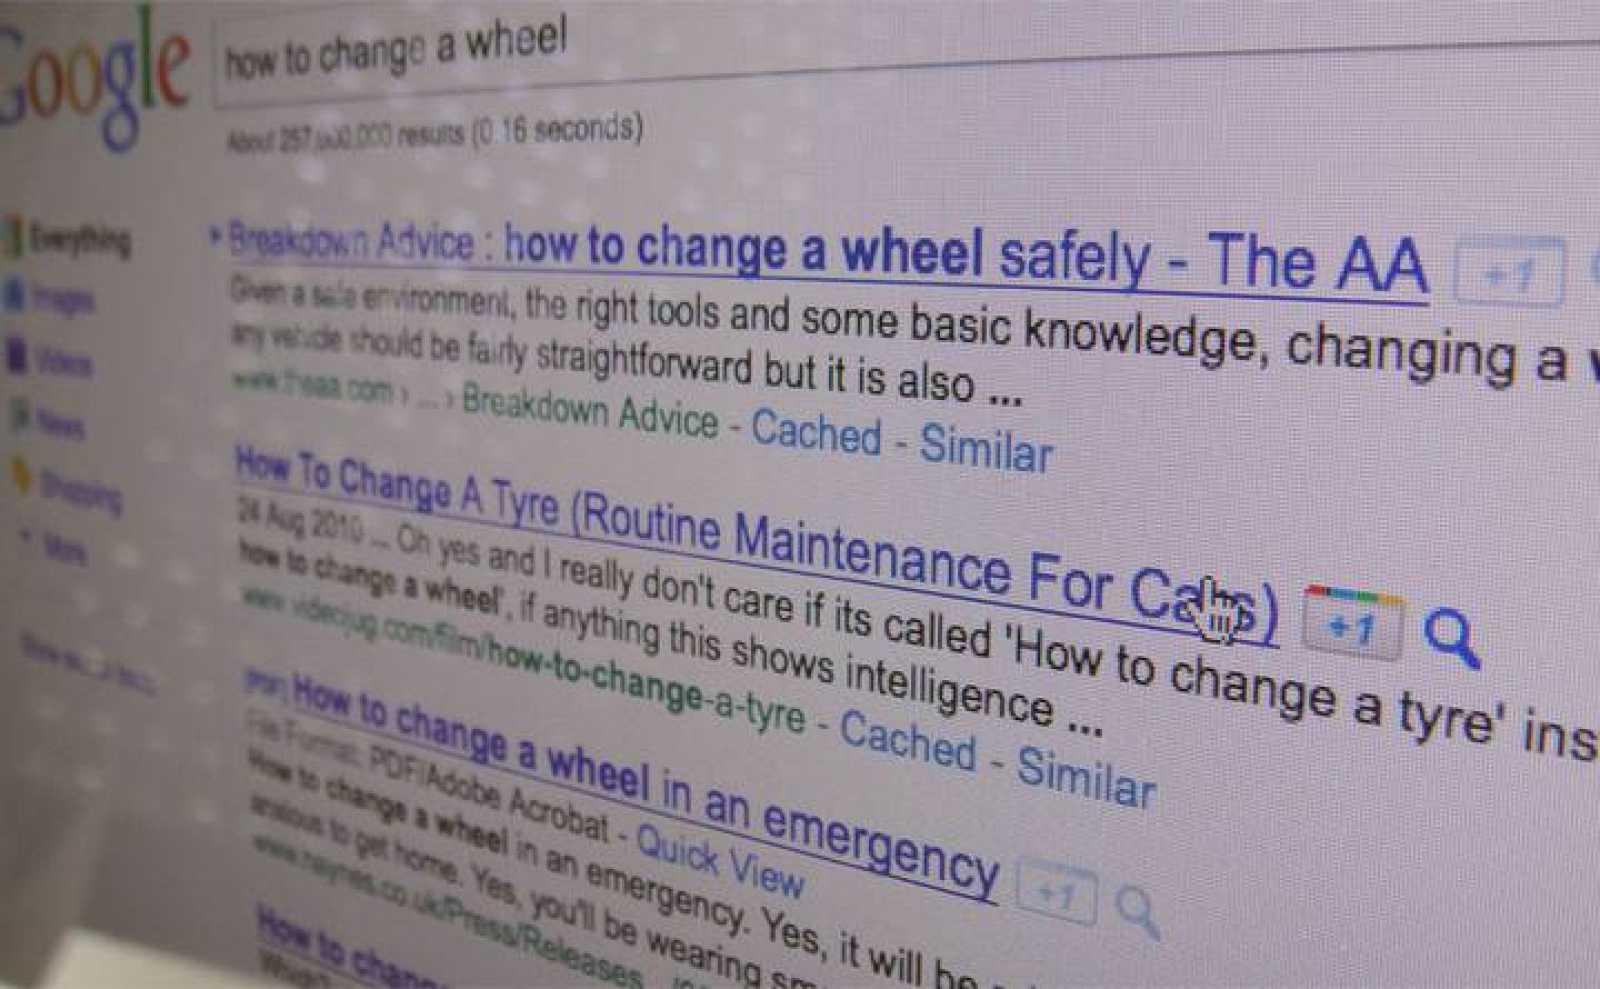 El botón +1 de Google puede librar una batalla con Facebook por controlar la Web 2.0